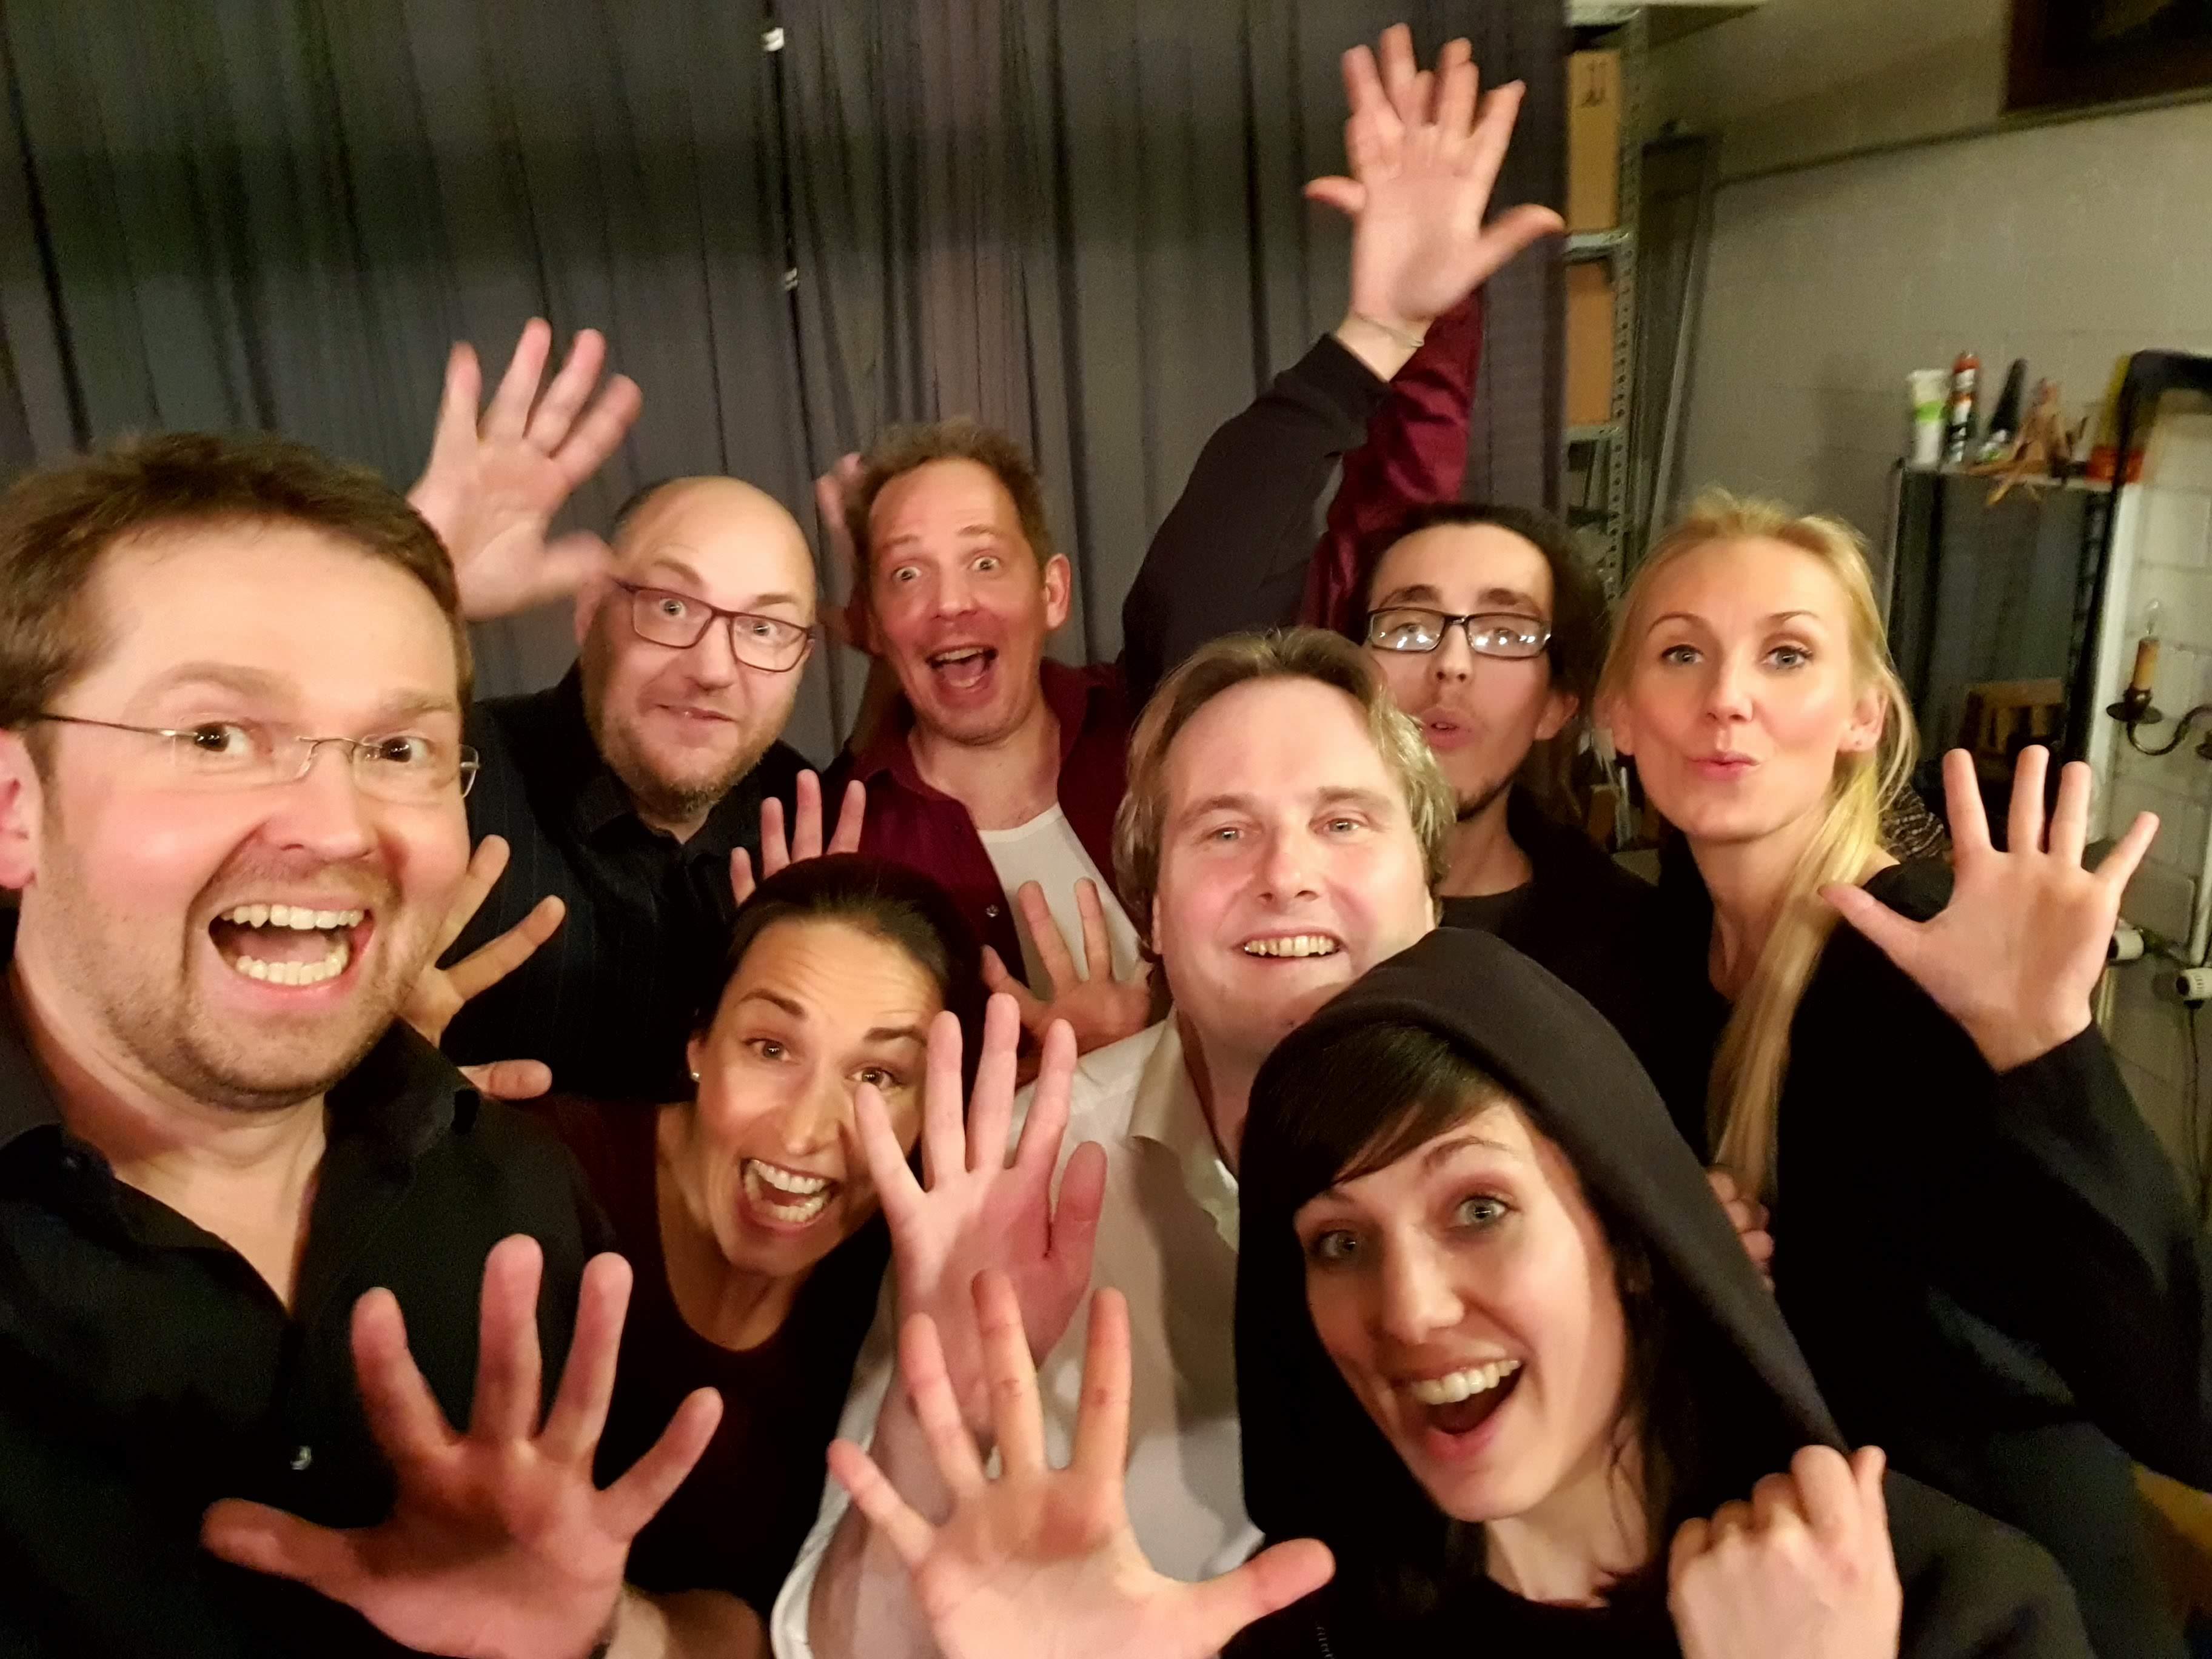 8 Improvisierer, 2 Musiker und 60 Zuschauer: 3. Salon der improvisierten Künste mit den Improkokken im KULT